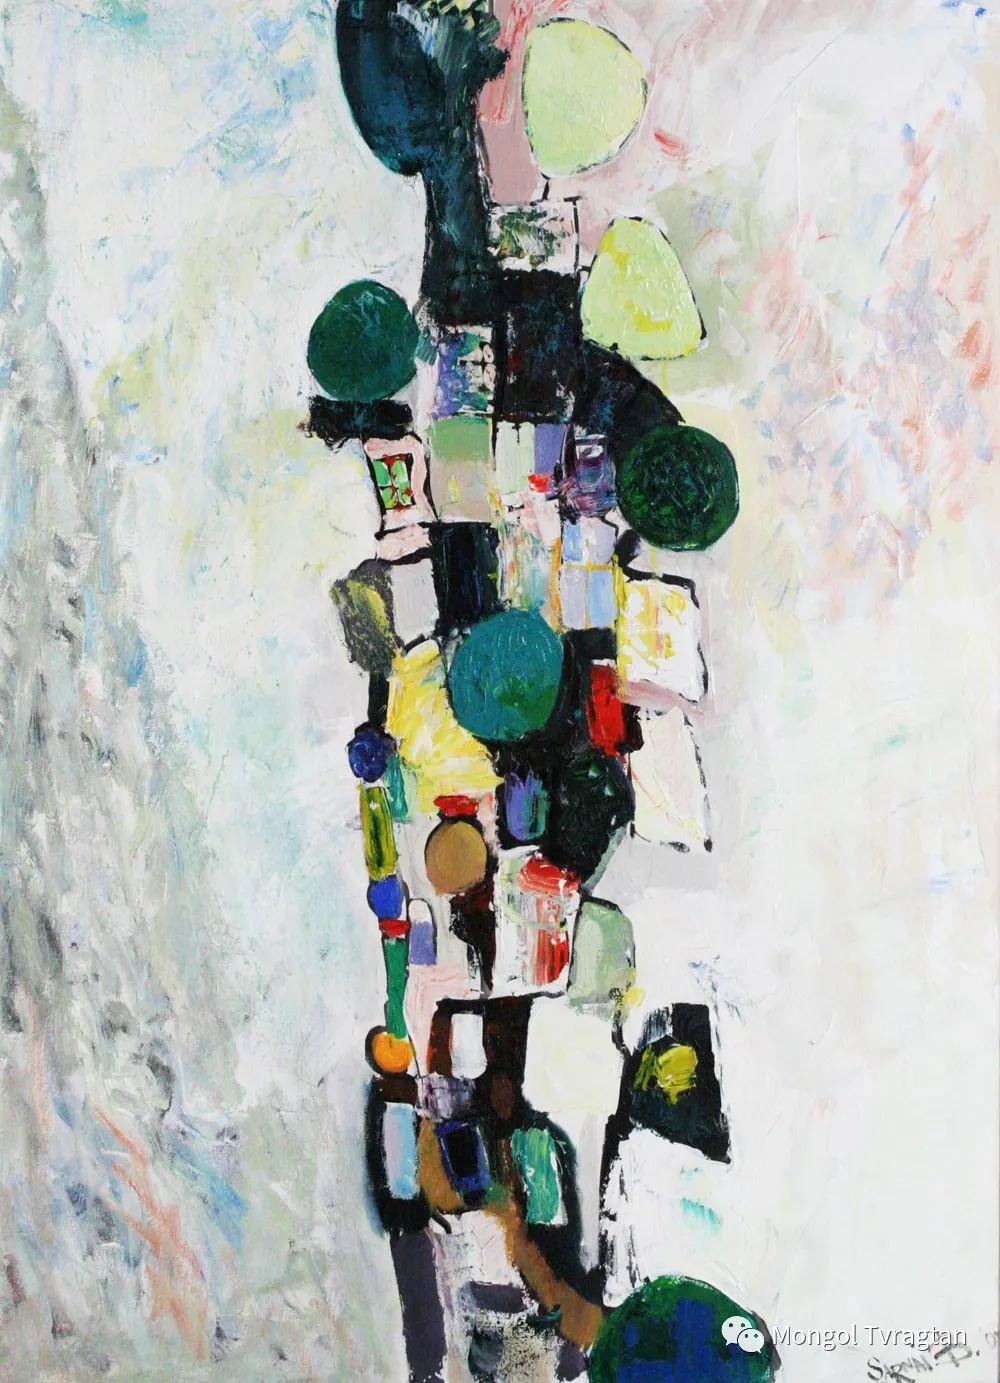 ᠤᠷᠠᠨ ᠵᠢᠷᠤᠭ -ᠪ᠂ ᠰᠠᠷᠨᠠᠢ  萨日乃美术作品 第14张 ᠤᠷᠠᠨ ᠵᠢᠷᠤᠭ -ᠪ᠂ ᠰᠠᠷᠨᠠᠢ  萨日乃美术作品 蒙古画廊